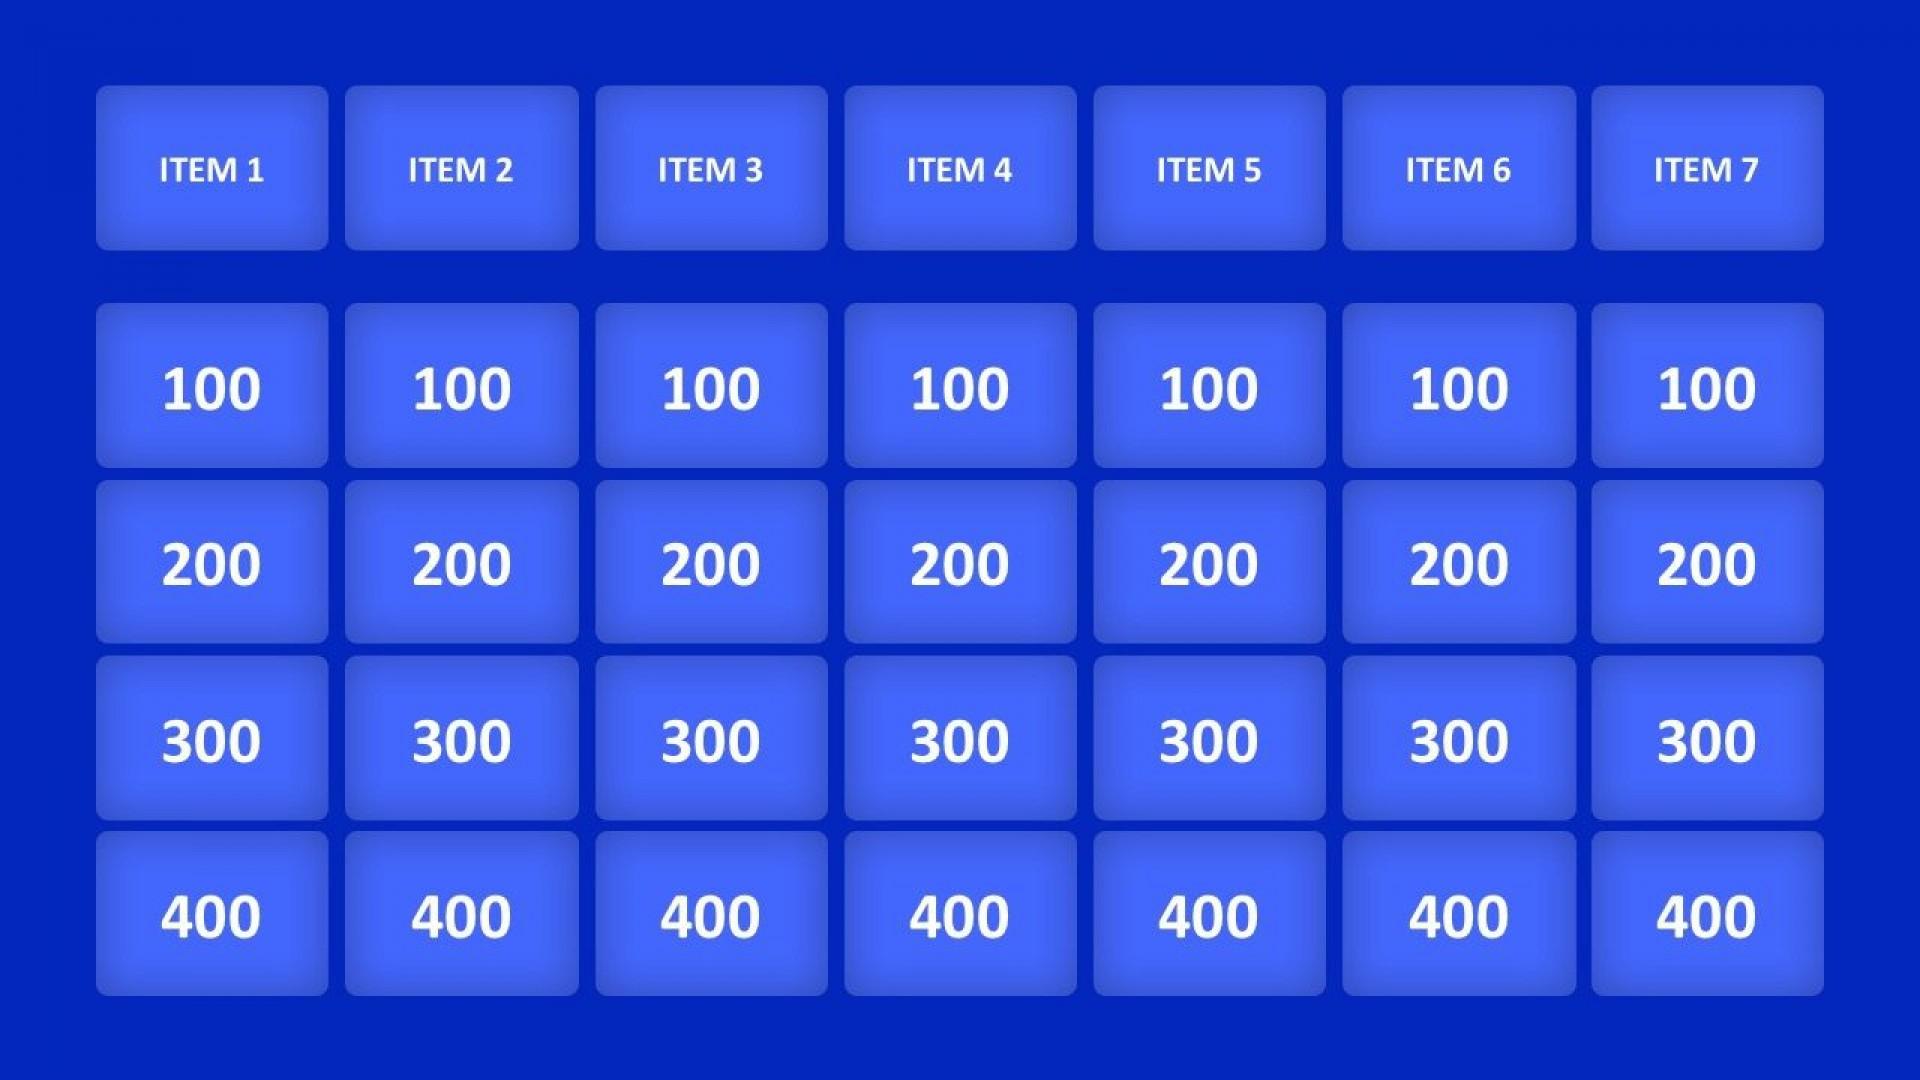 003 Unique Jeopardy Template Google Slide Idea  Slides Board Blank Best1920